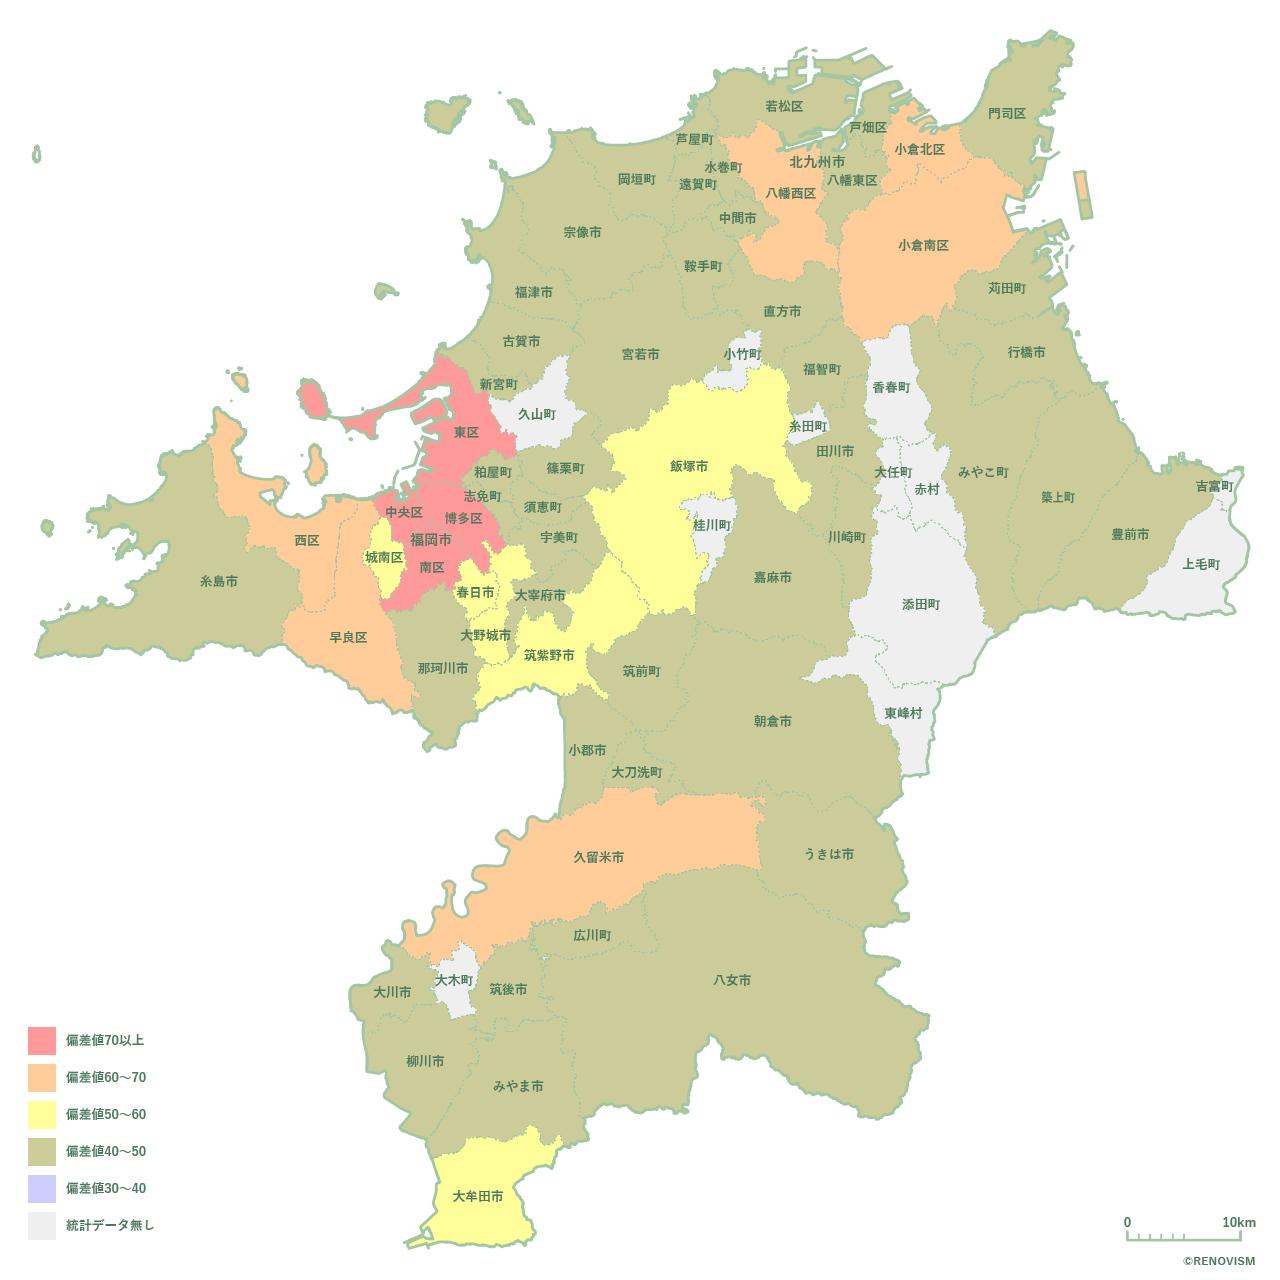 福岡県の賃貸需要マップ2020年